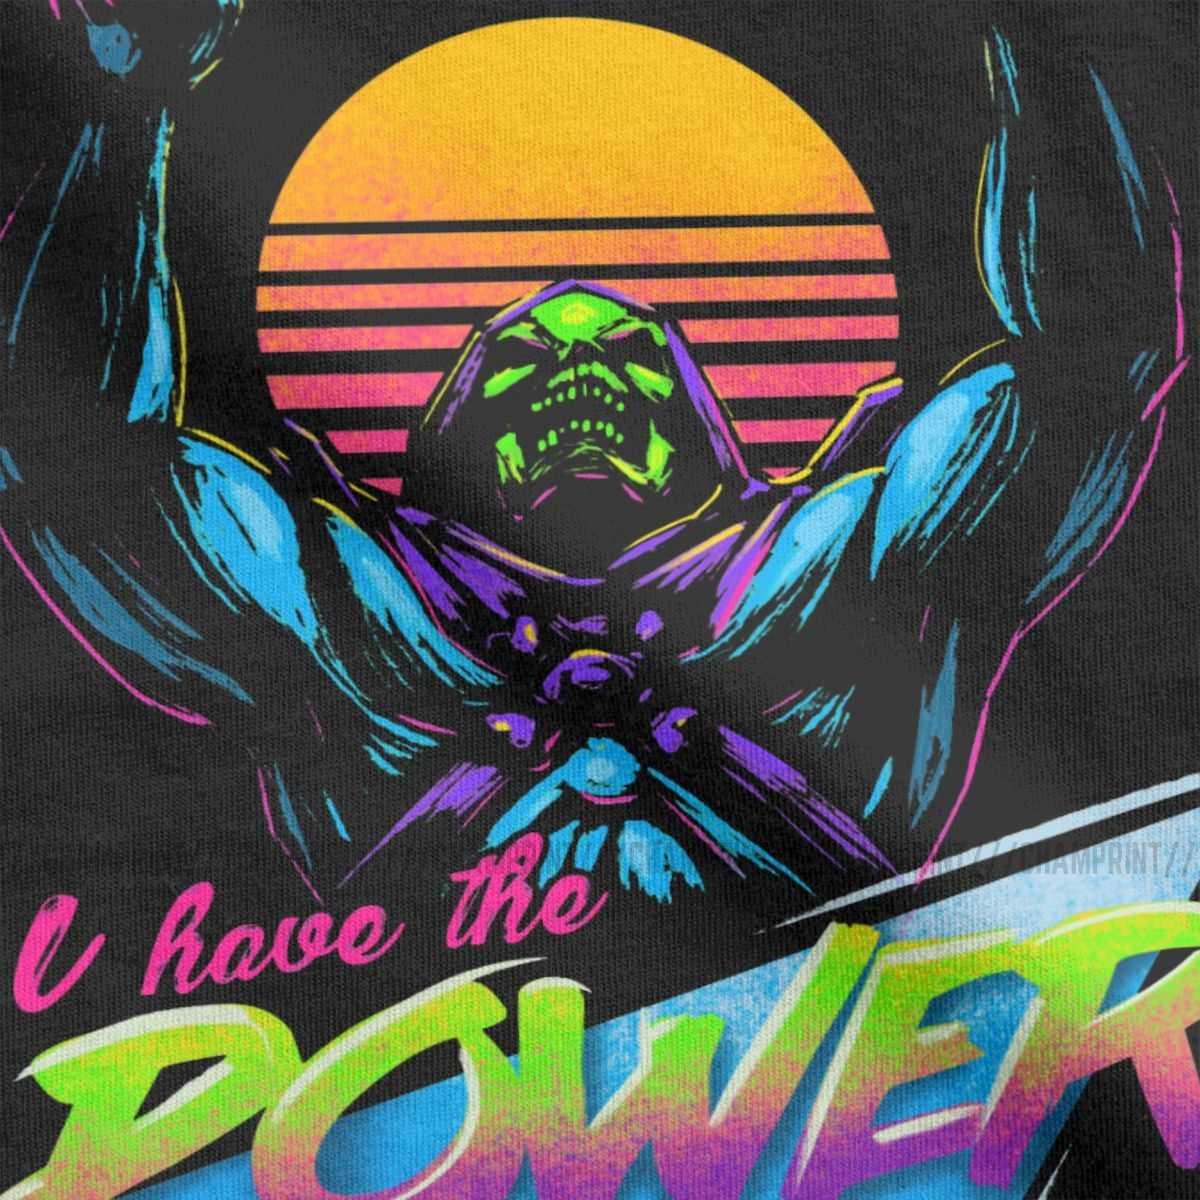 Uomini s 'Il Potere di He-Man Masters Of The Universe T Camicia Skeletor 80s She-Ra Bestia cotone Magliette e camicette Del Manicotto Del Bicchierino Tee 4XL 5XL T-Shirt